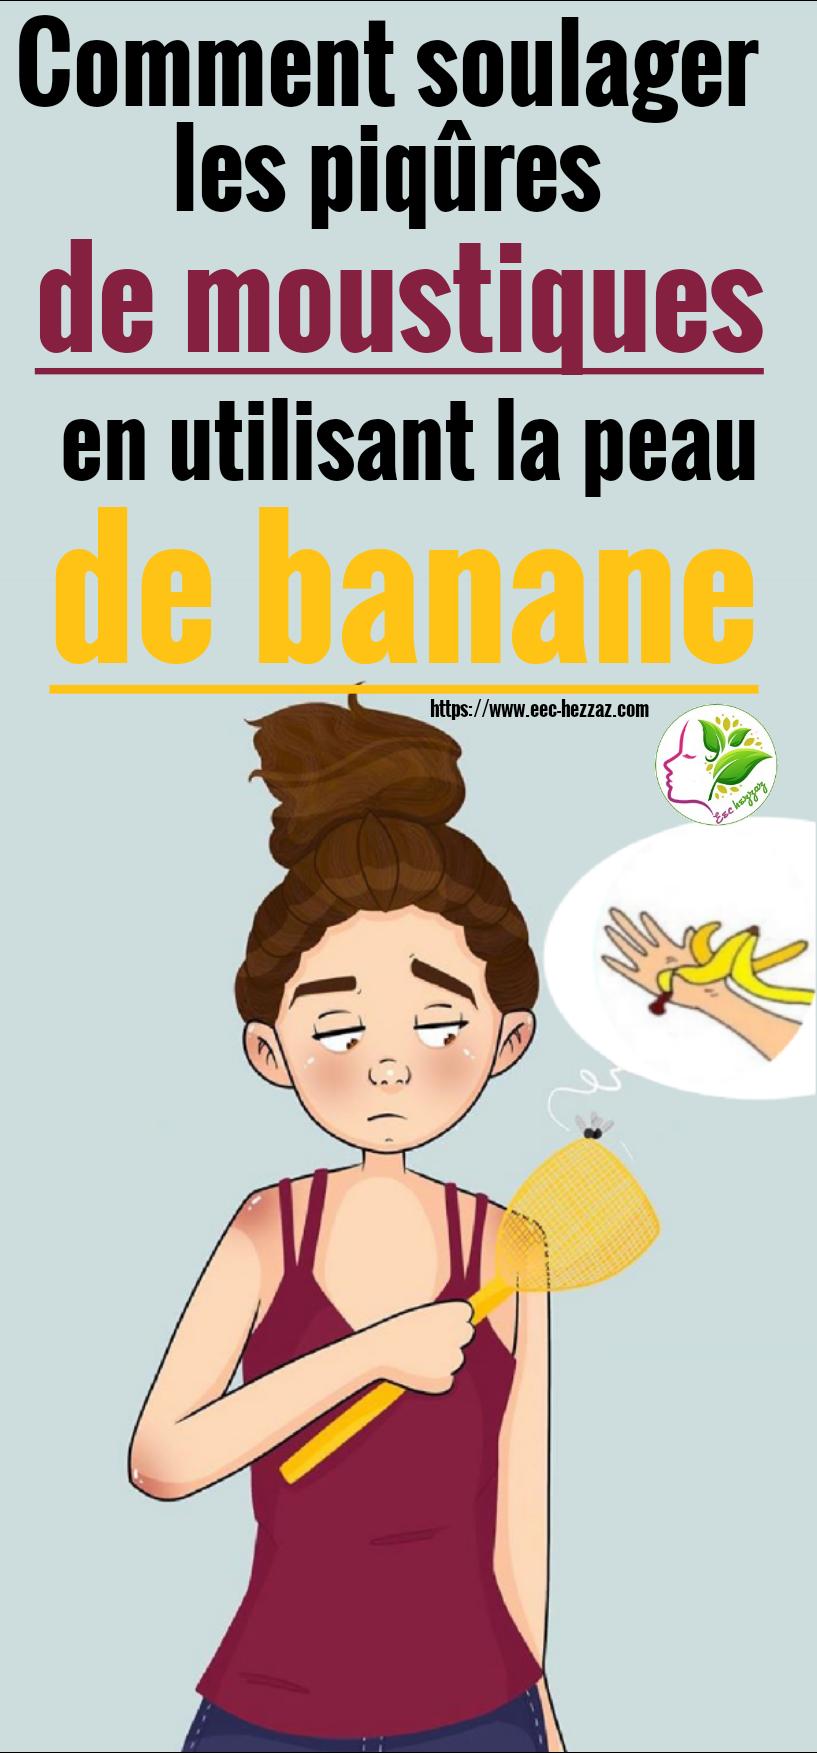 Comment soulager les piqûres de moustiques en utilisant la peau de banane